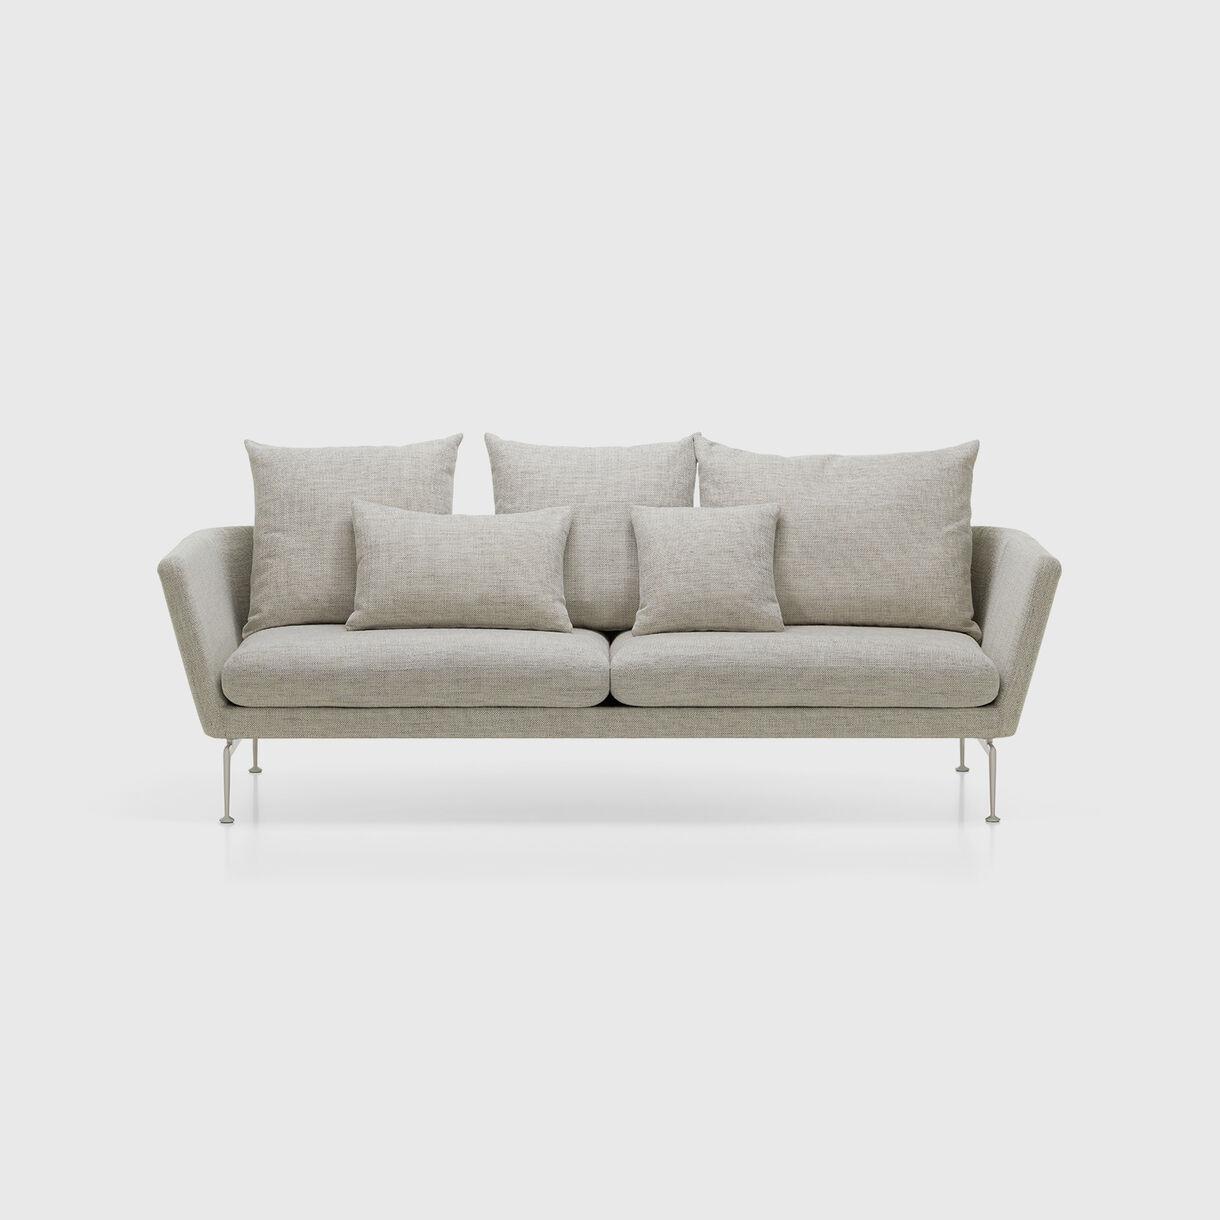 Suita Sofa, 3 Seater